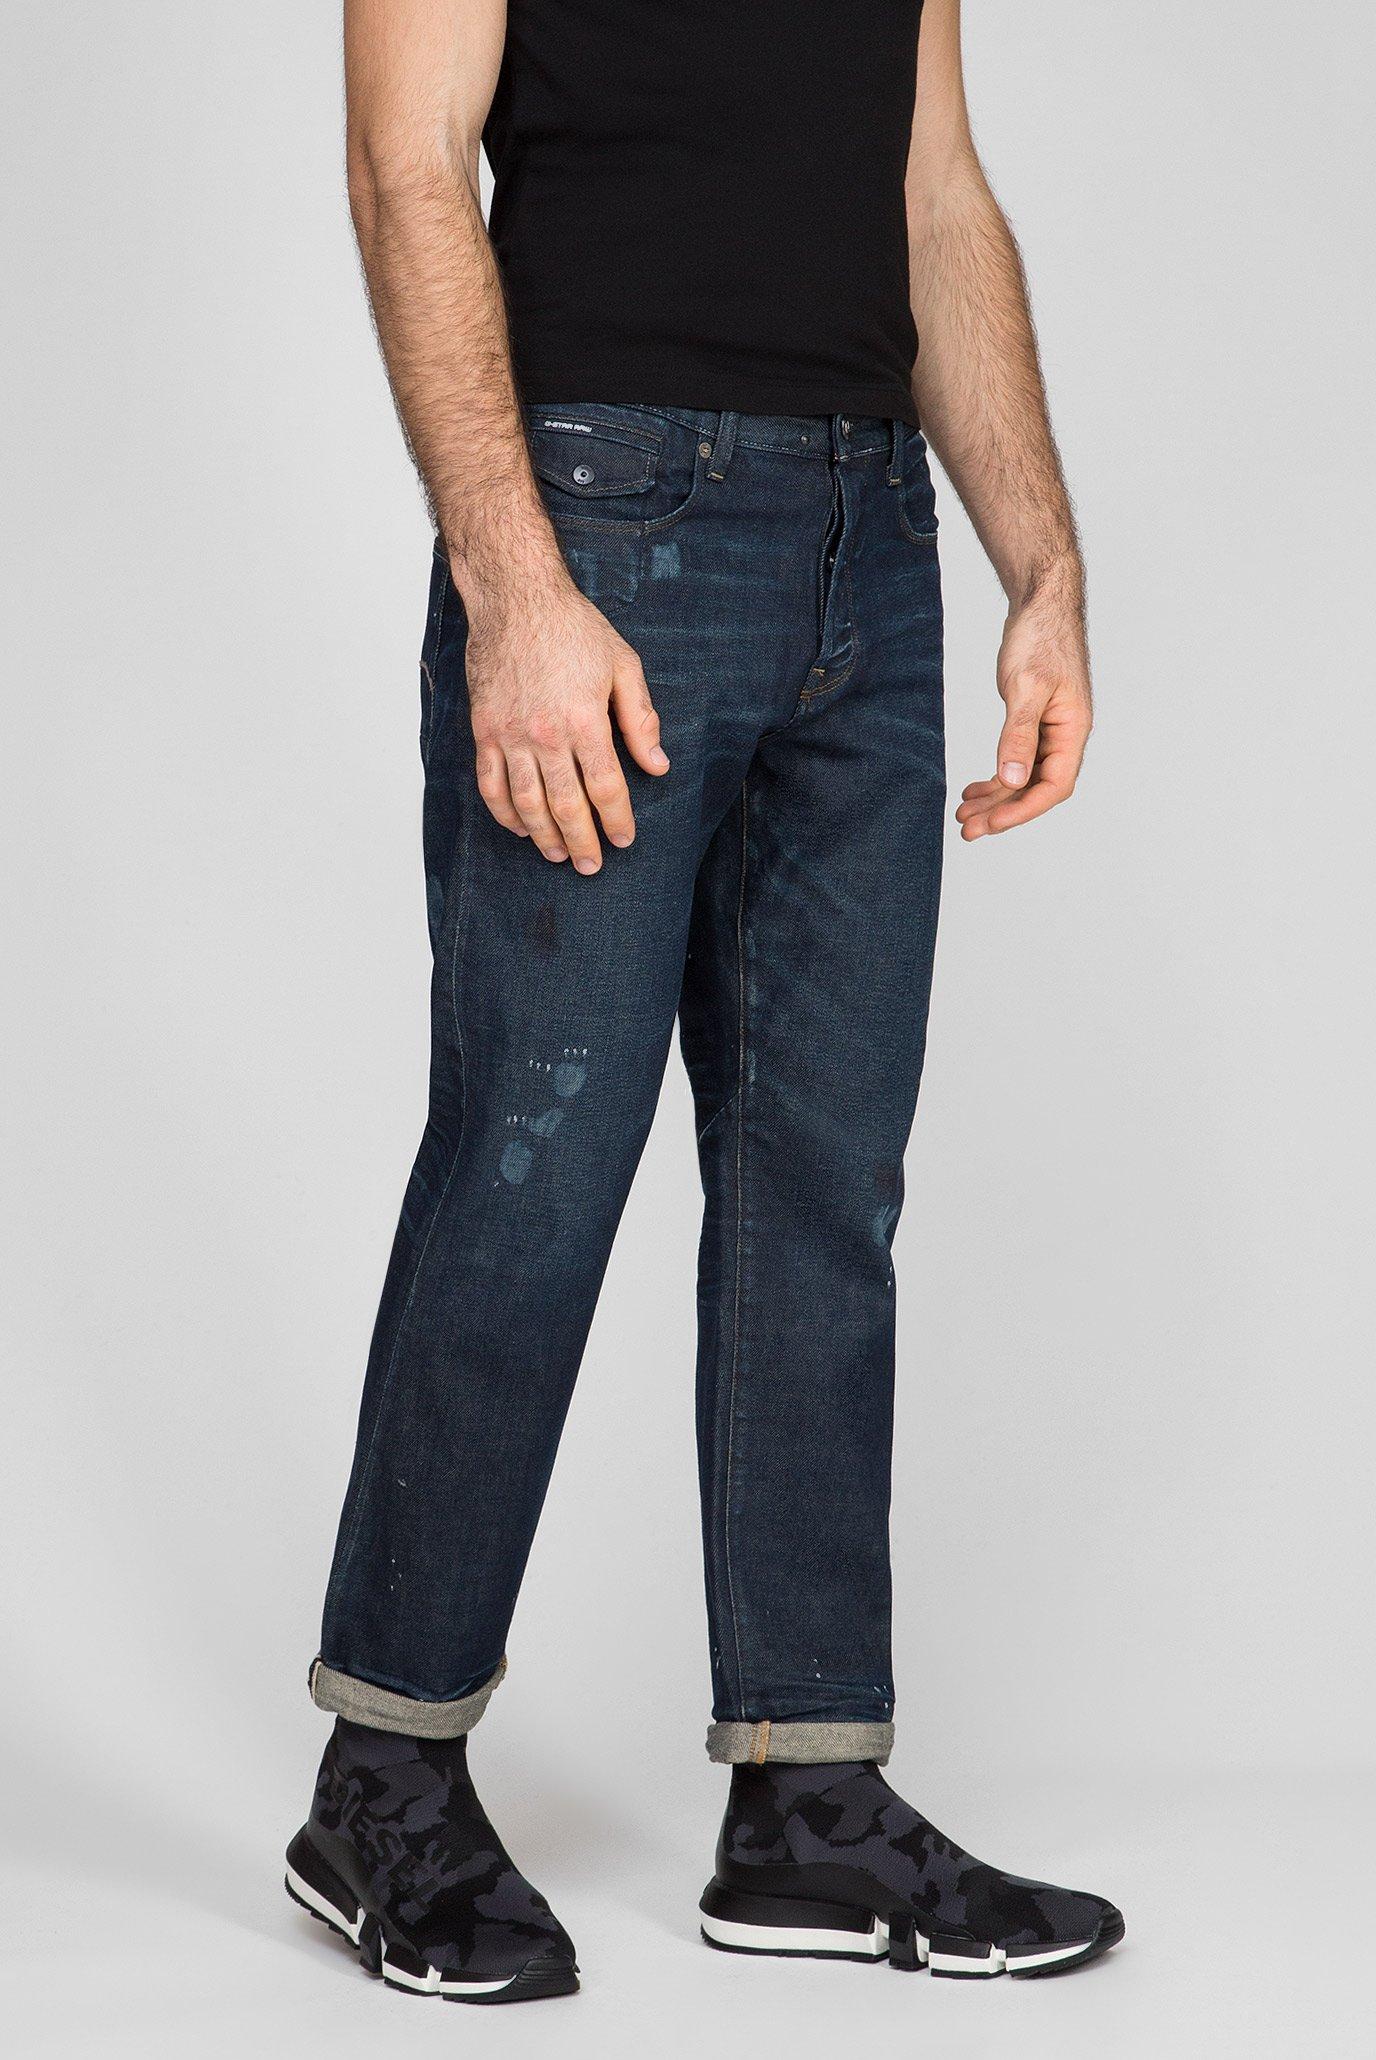 Мужские темно-синие джинсы Morry 3D relaxed tapered G-Star RAW